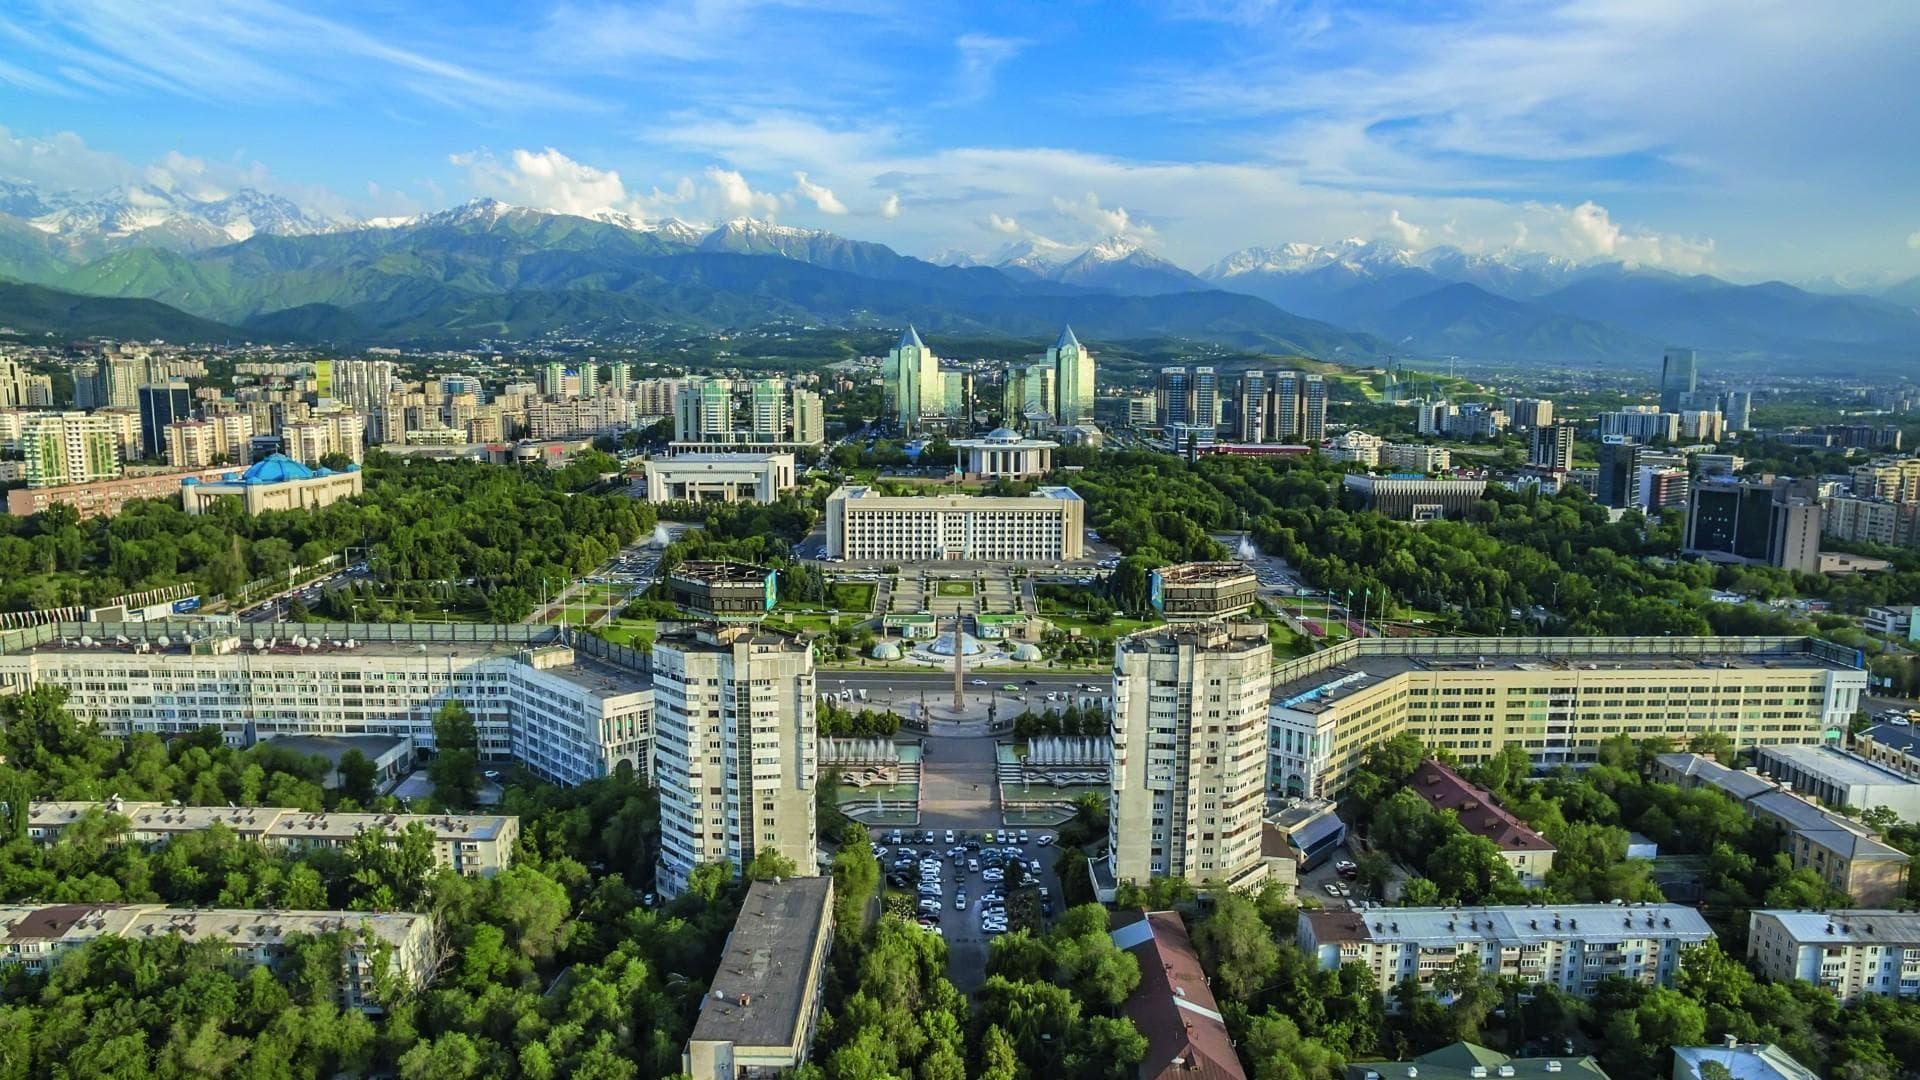 Almaty am Fuße des Alatau Gebirges